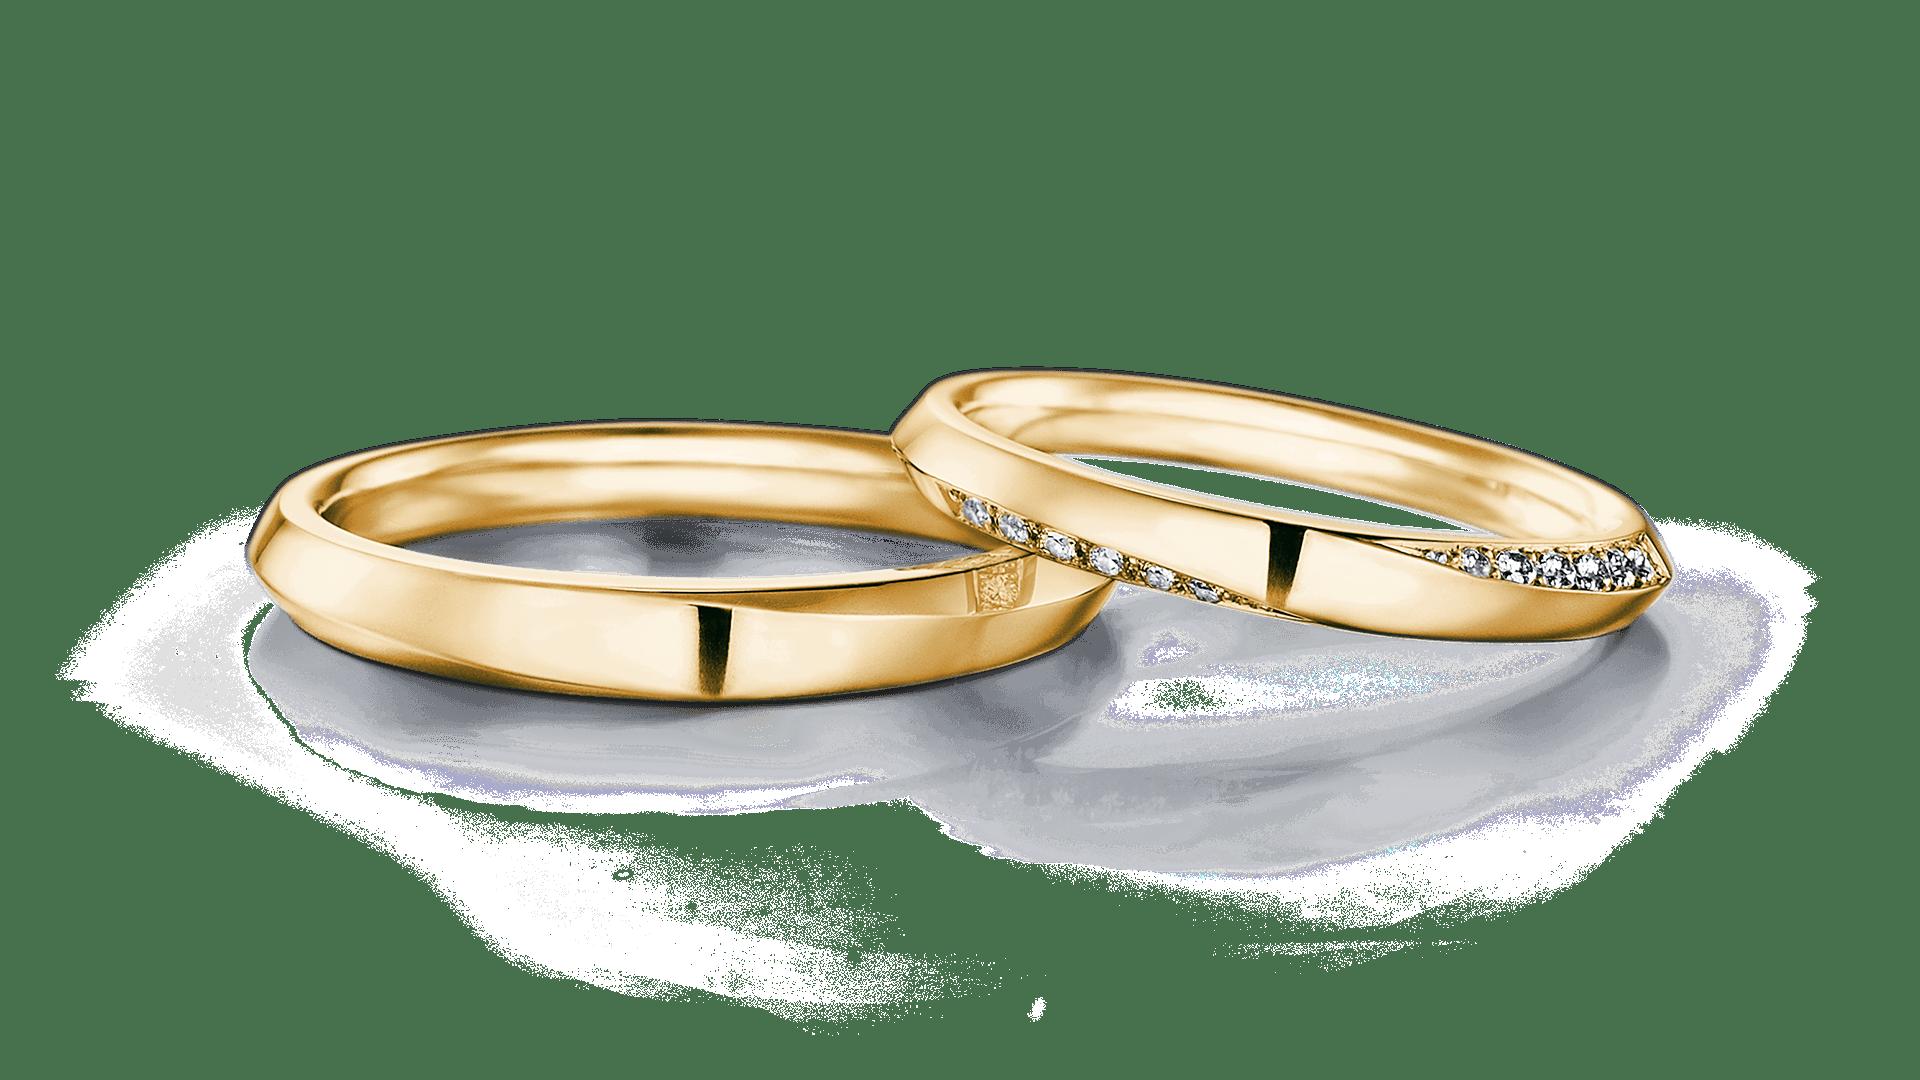 penelope ペネロープ | 結婚指輪サムネイル 1